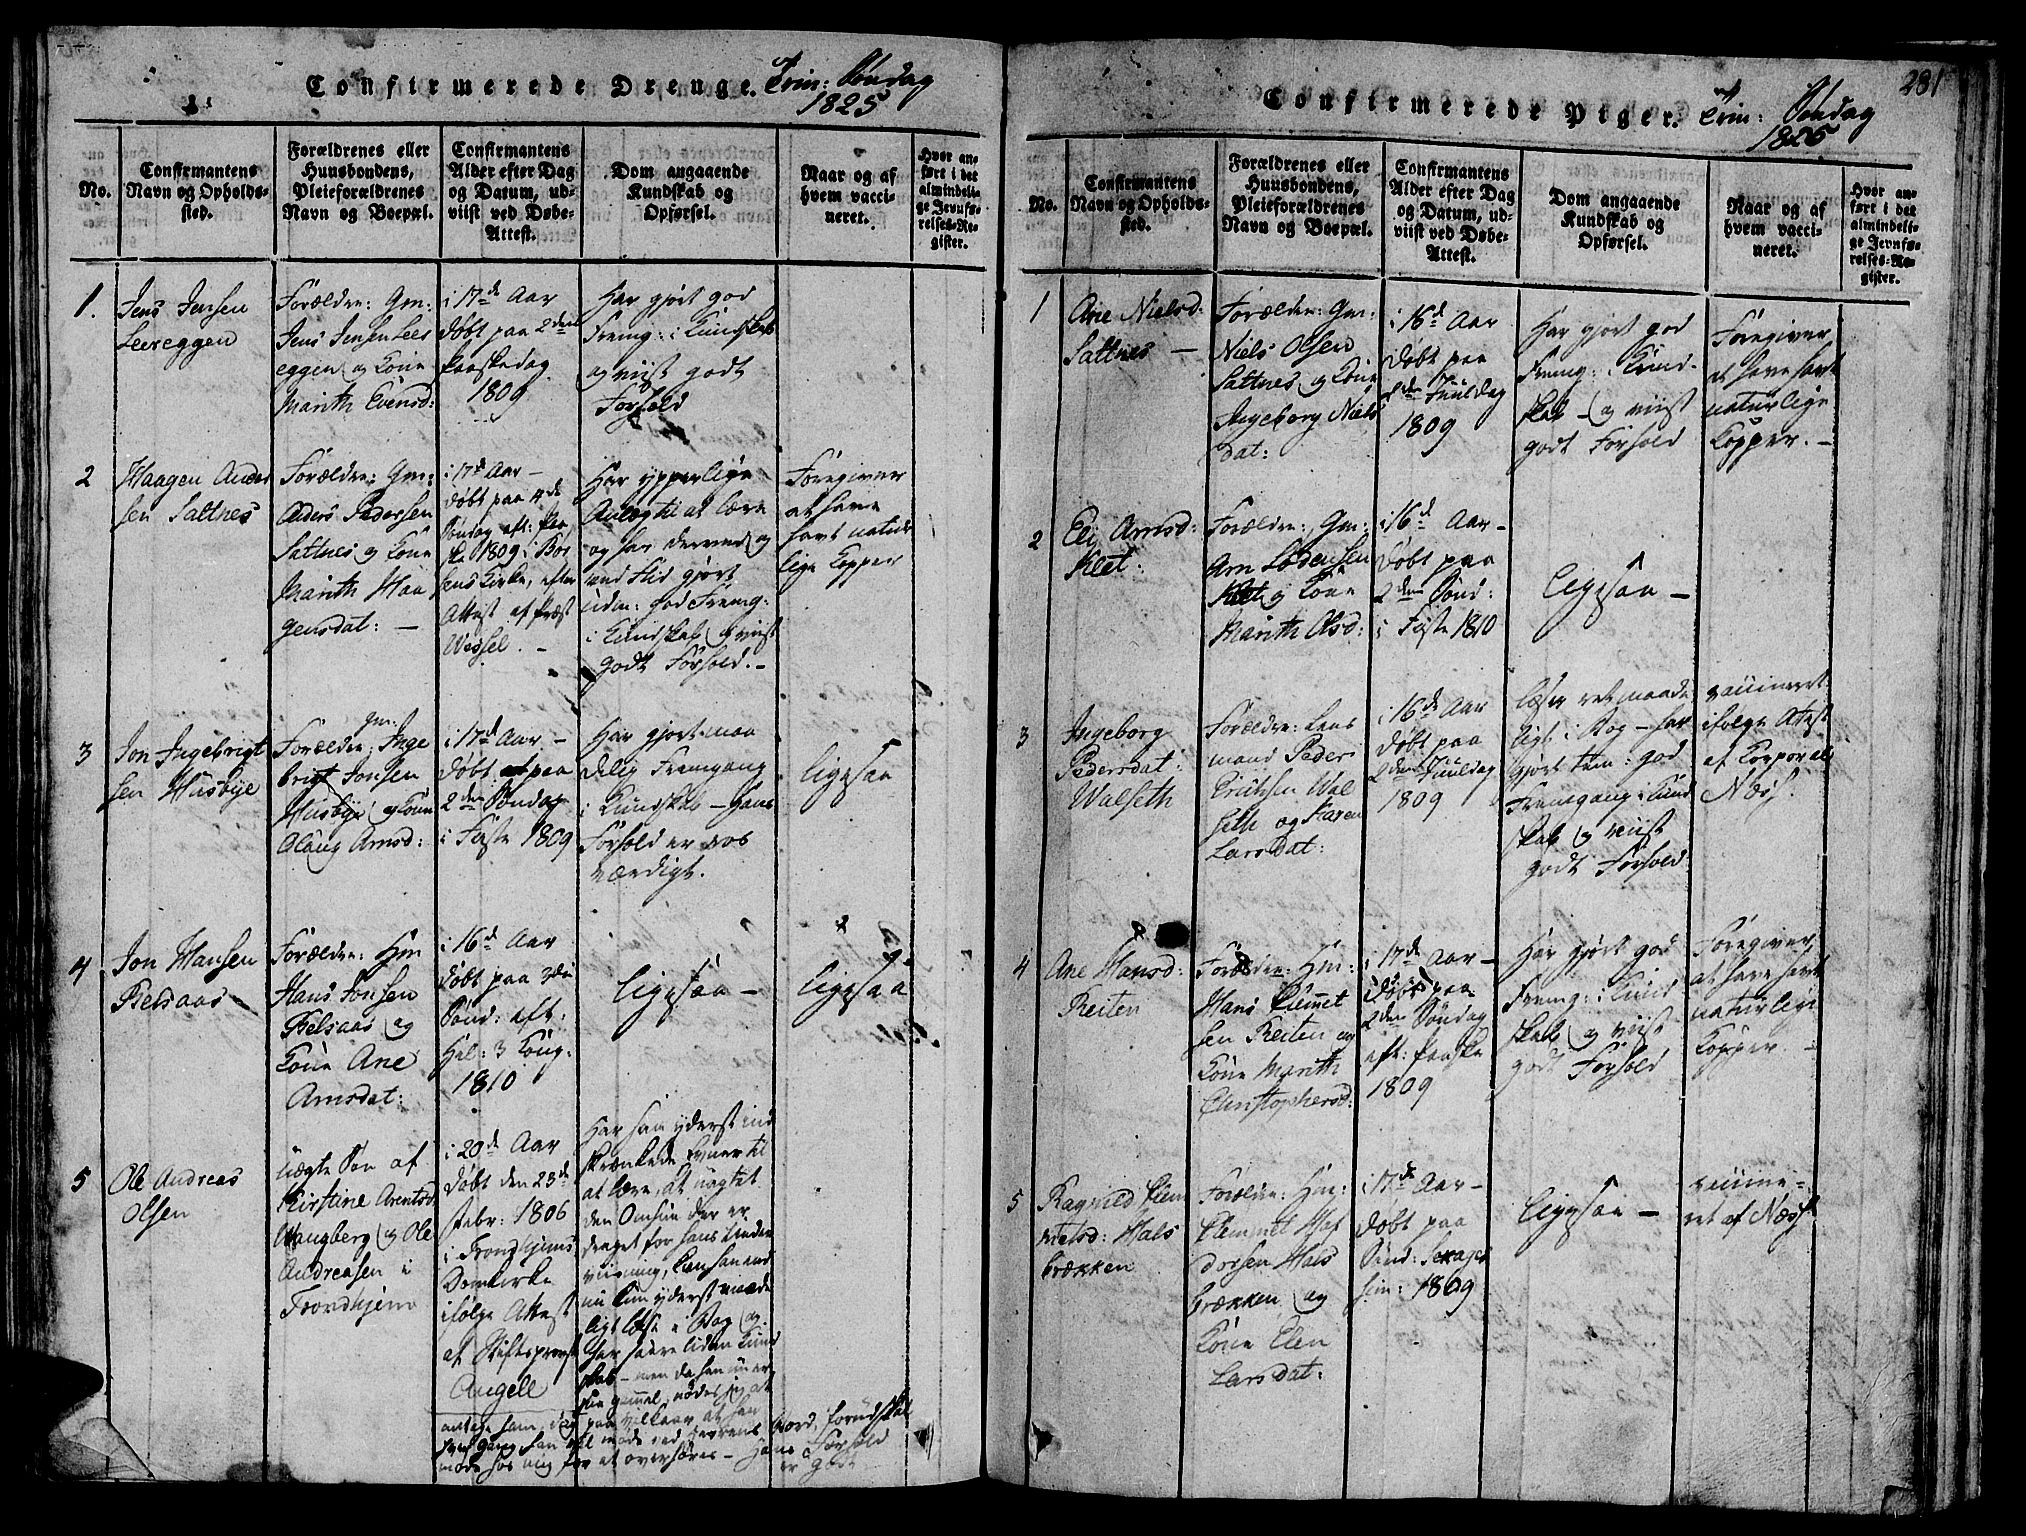 SAT, Ministerialprotokoller, klokkerbøker og fødselsregistre - Sør-Trøndelag, 612/L0373: Ministerialbok nr. 612A06 /2, 1816-1828, s. 281